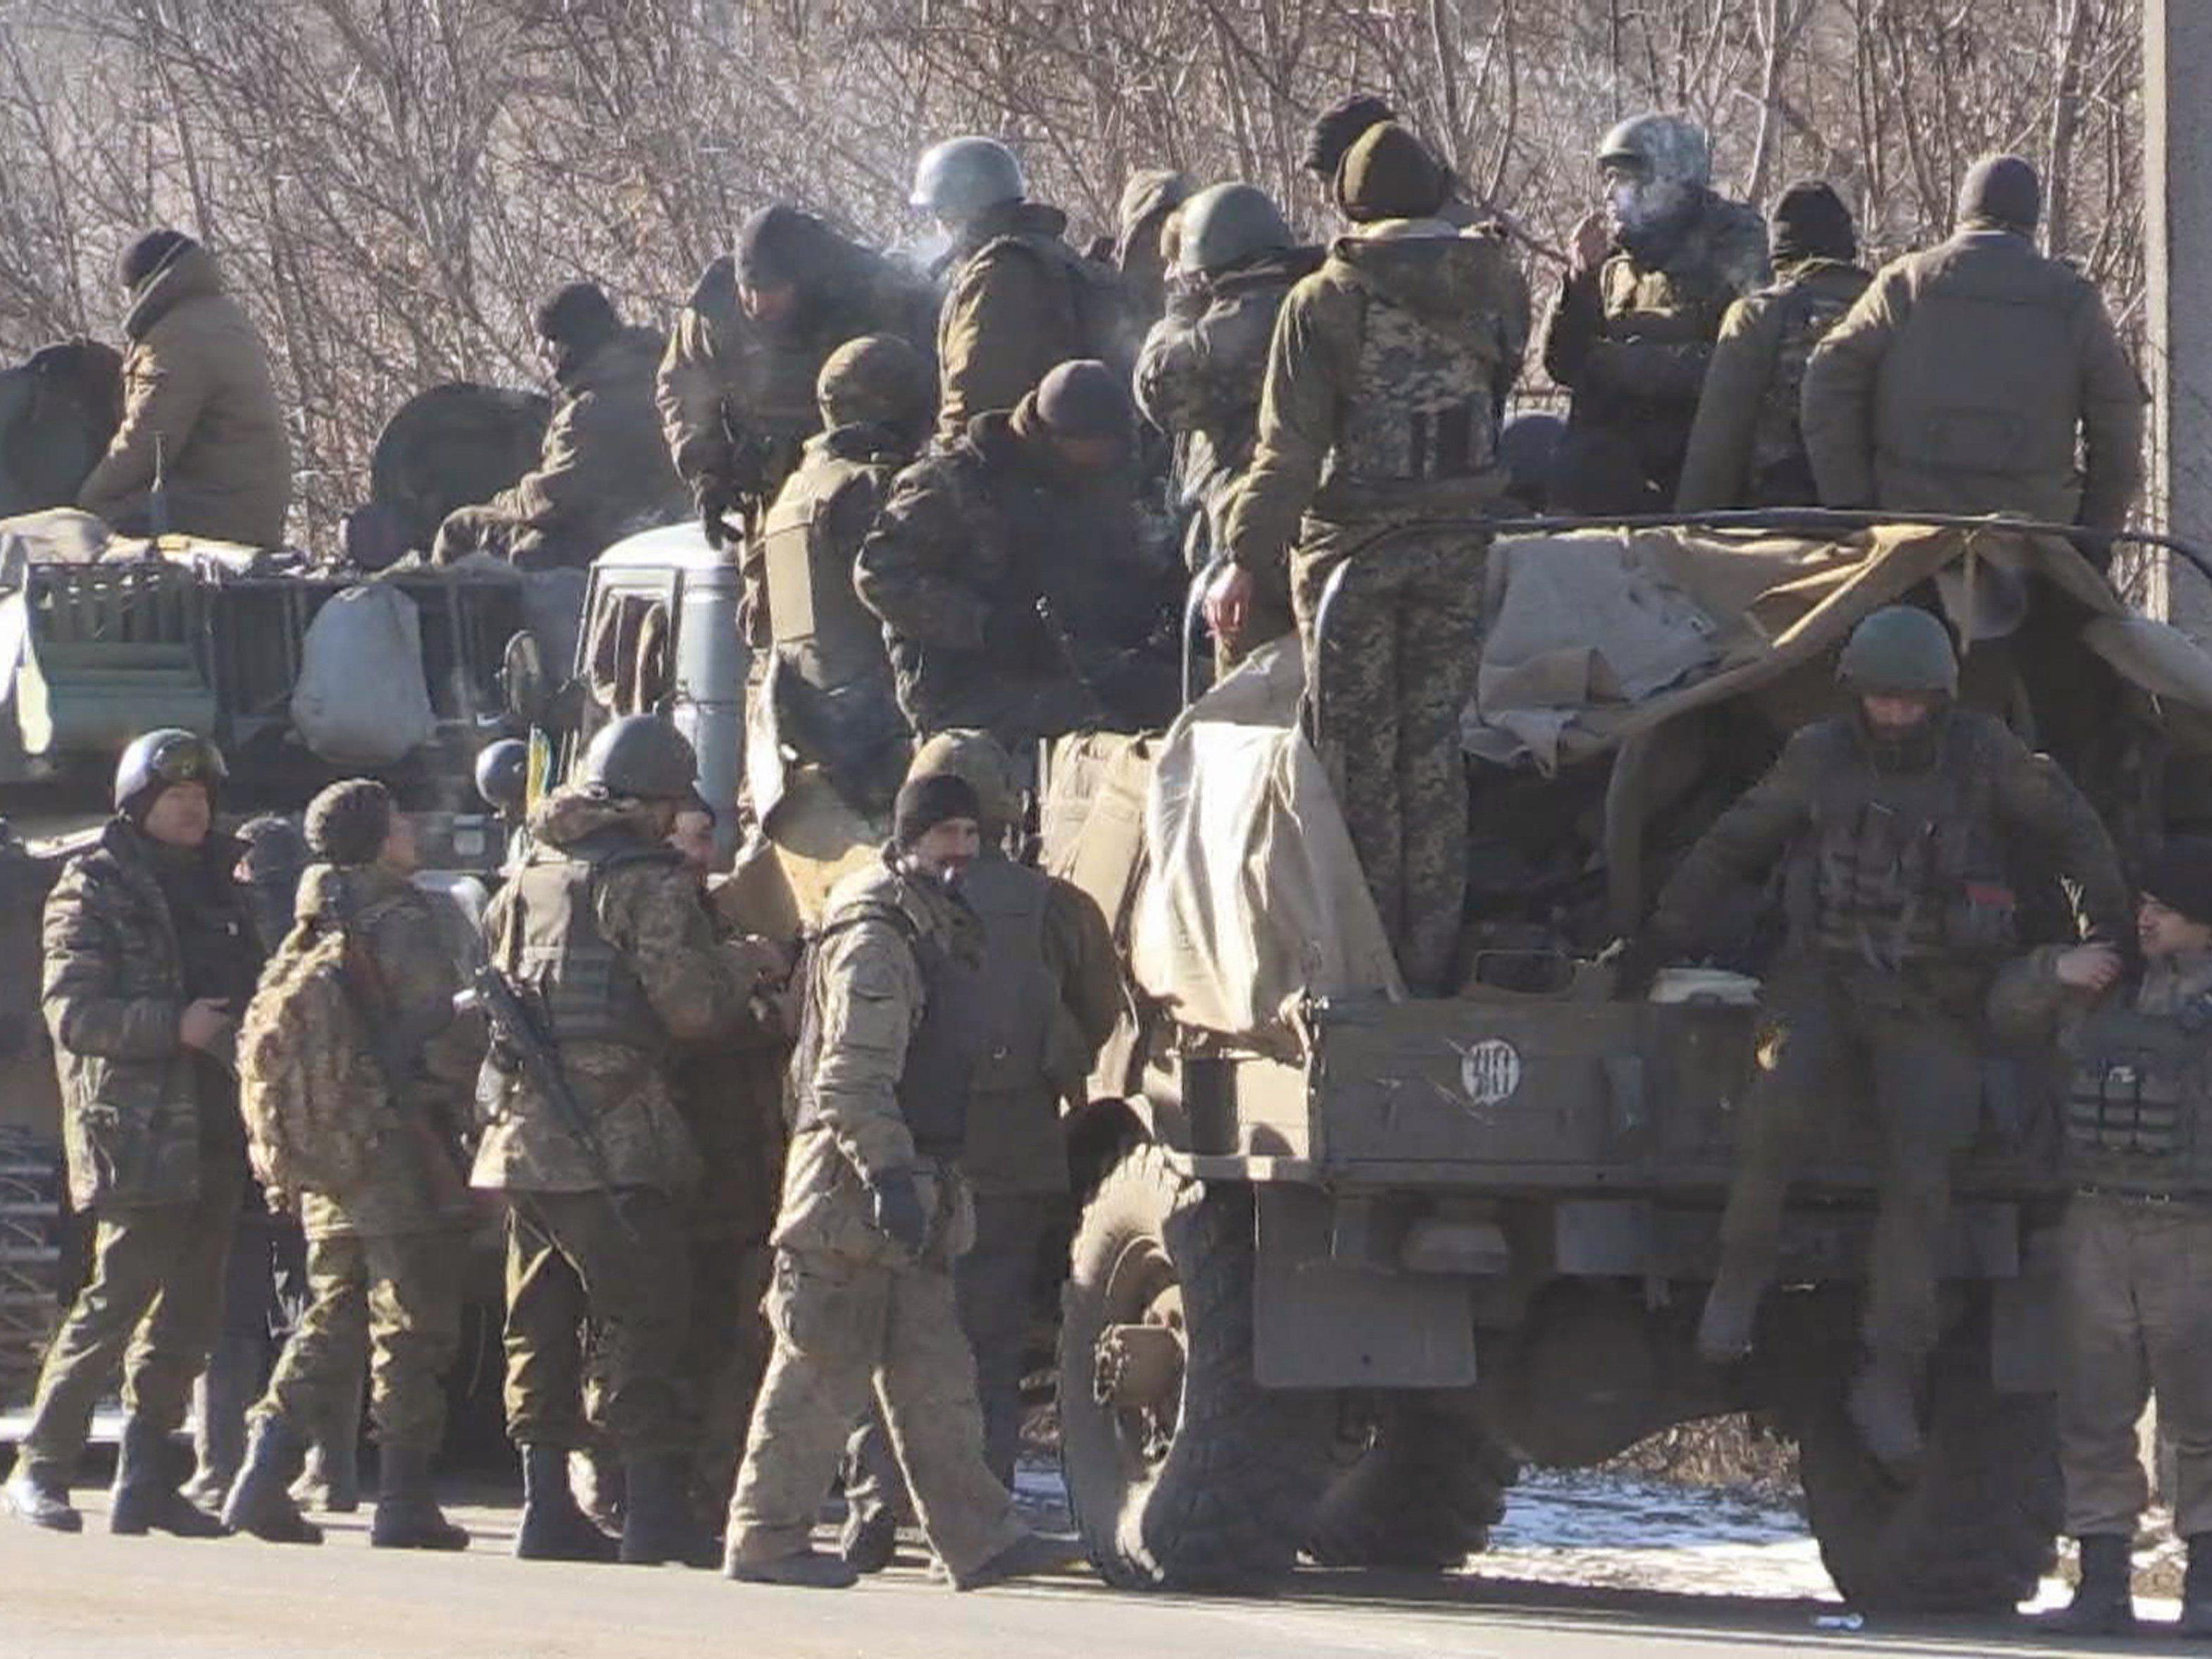 Niederlage der ukrainischen Armee bringt prowestliche Führung weiter unter Druck.